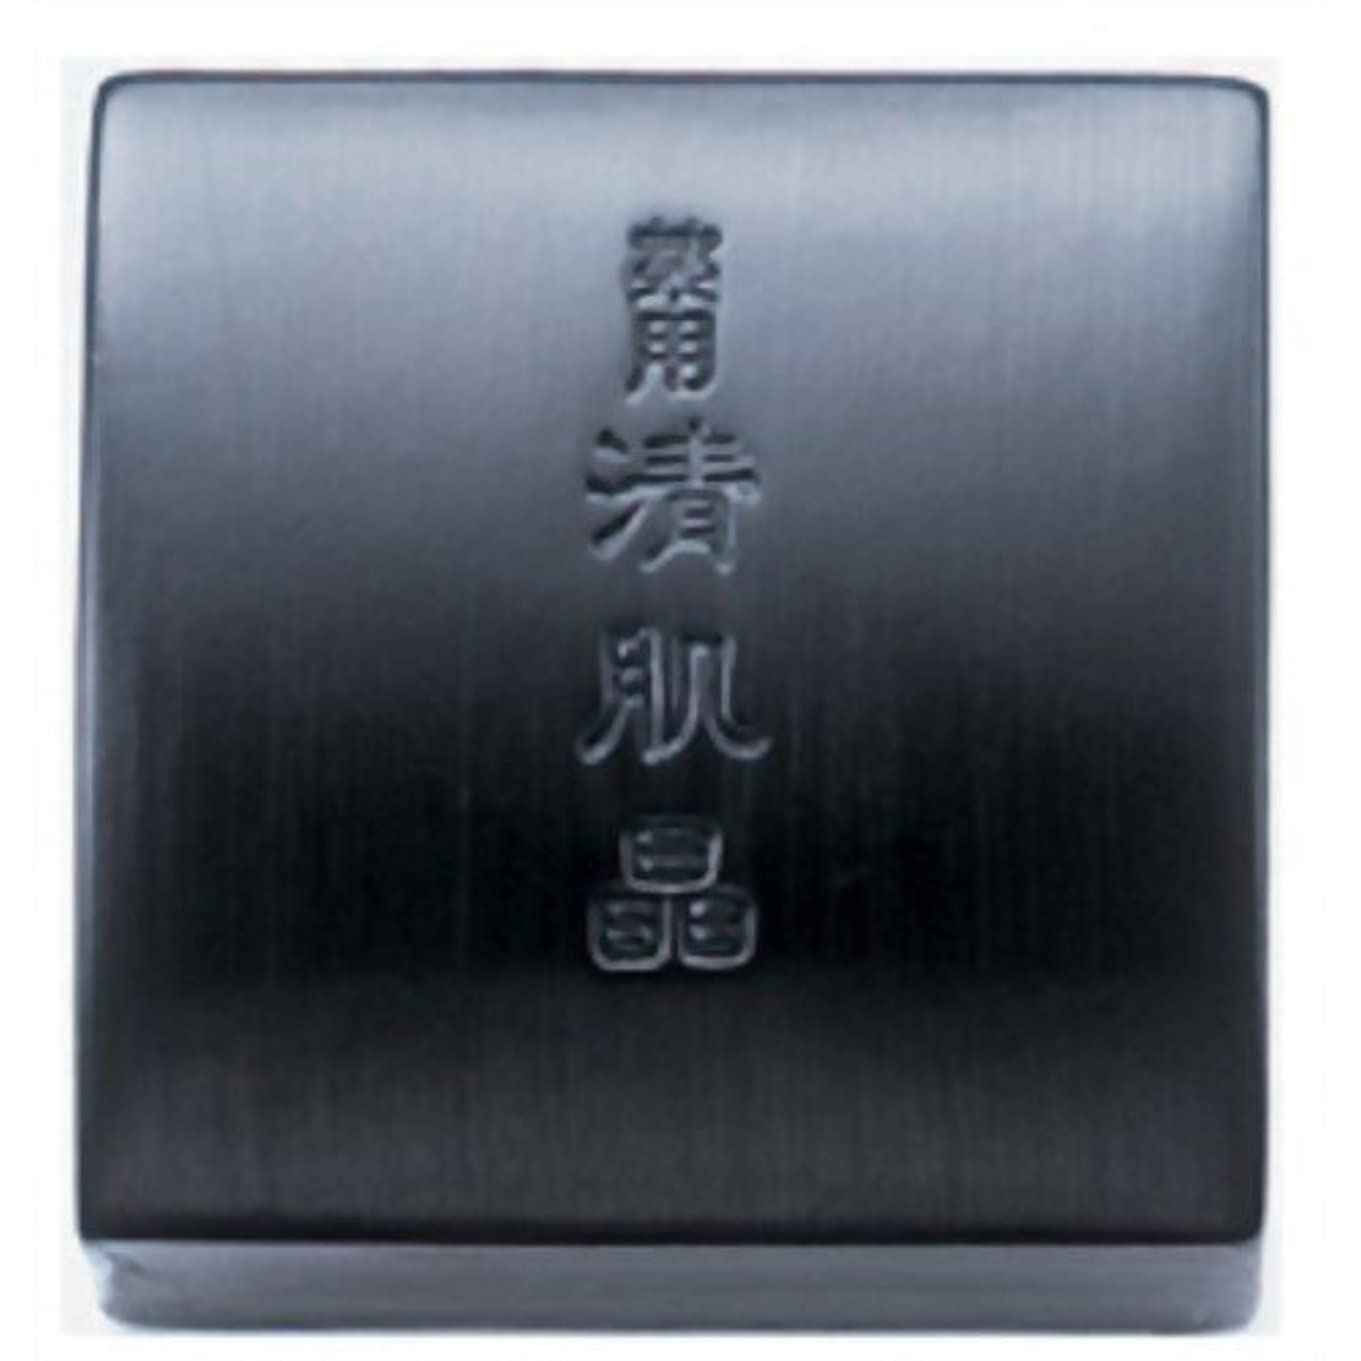 キーパドル鹿コーセー 薬用 清肌晶 120g